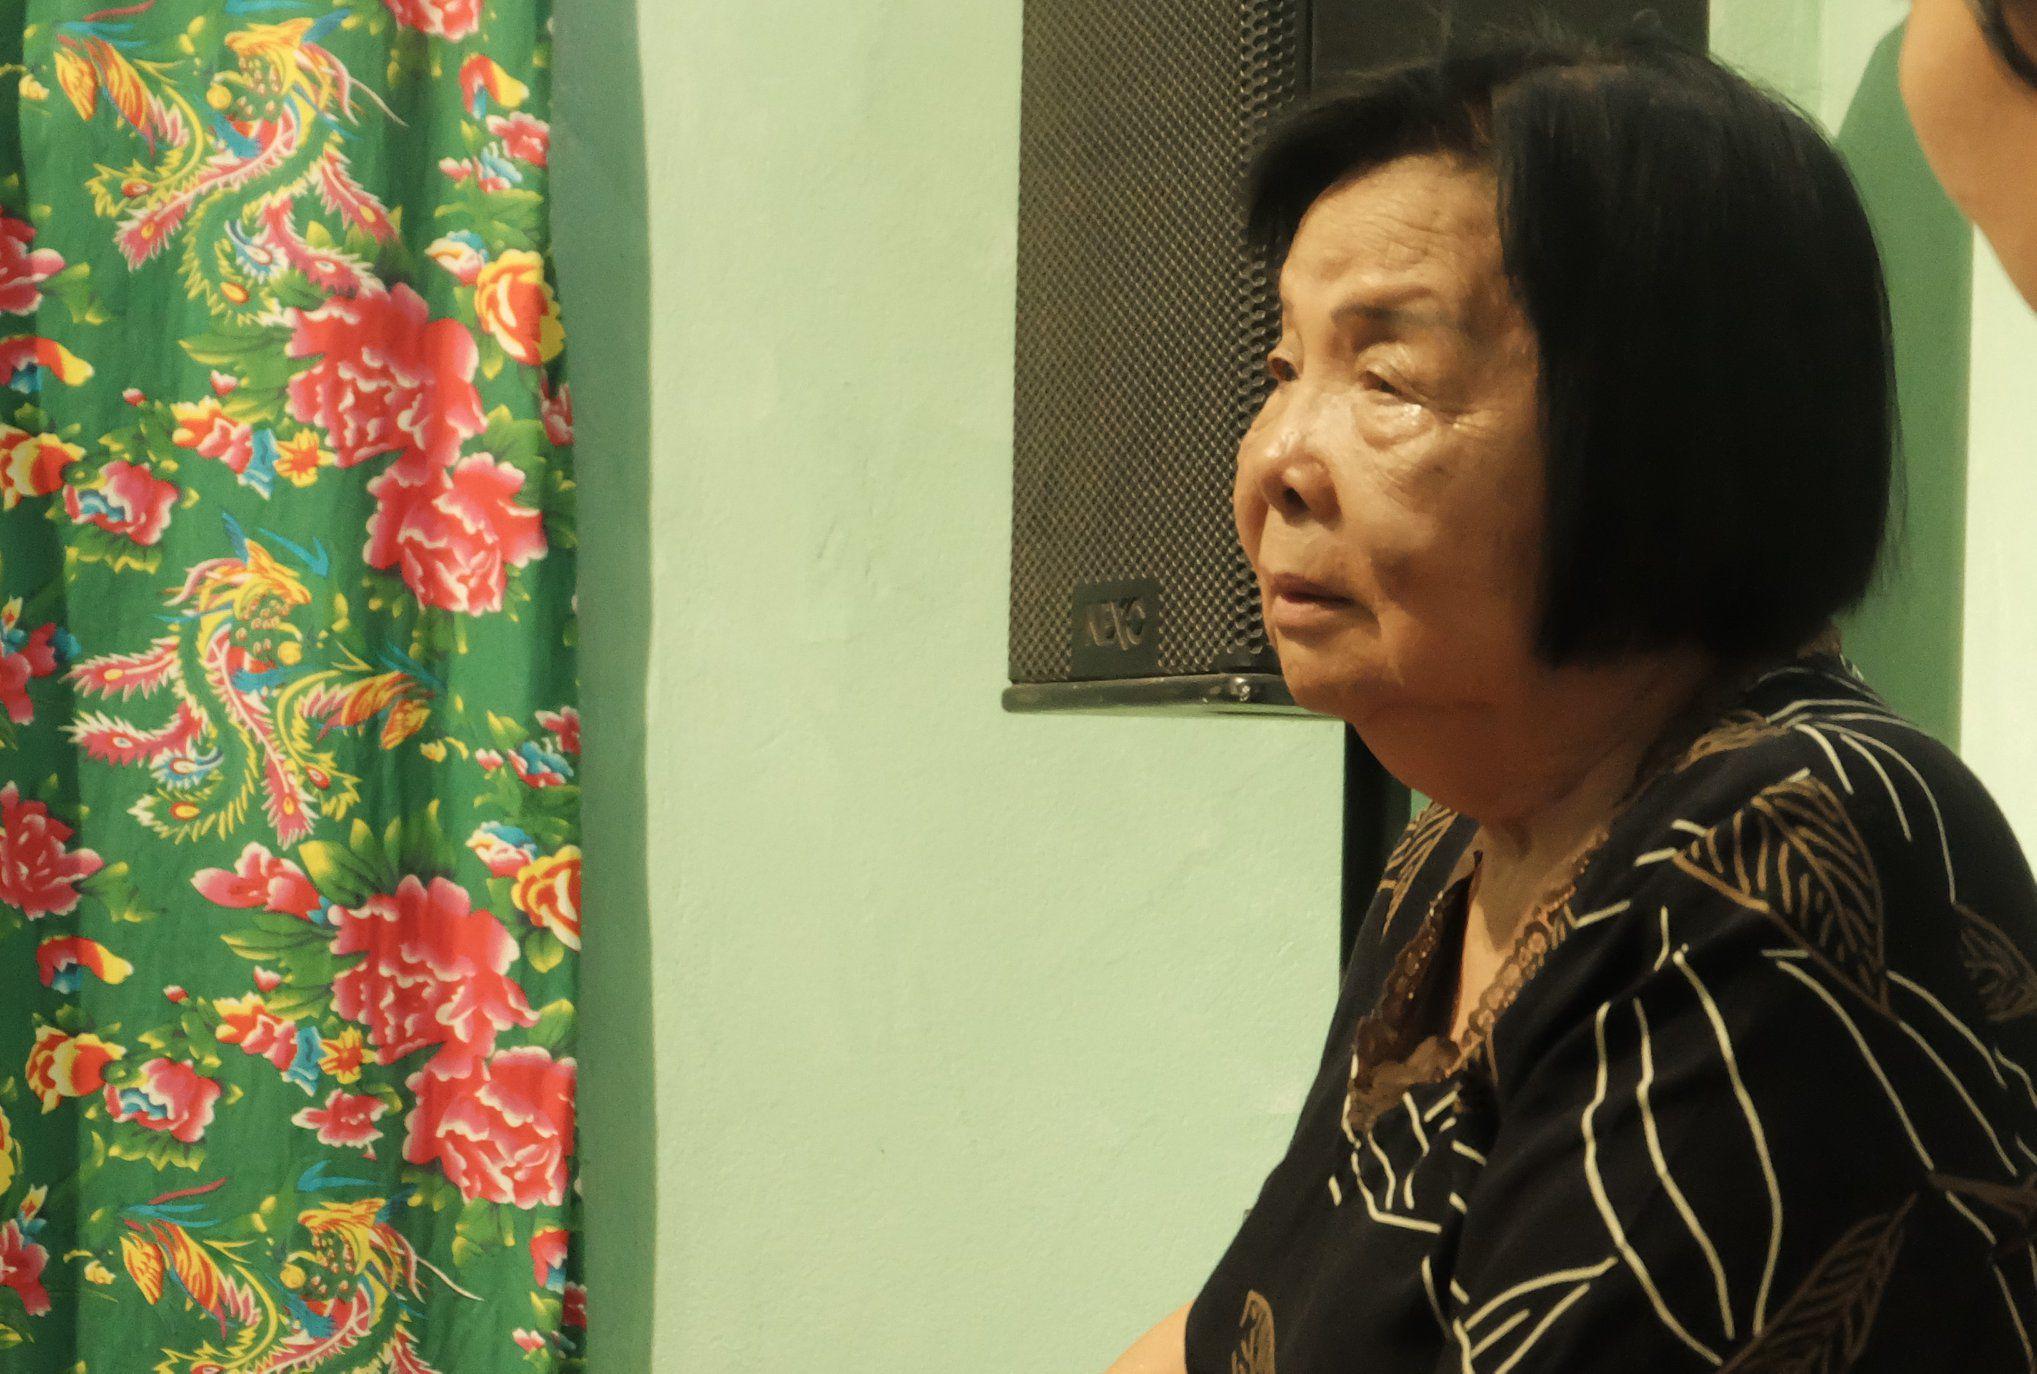 Thực hư chuyện Xuân Quỳnh - Lưu Quang Vũ rạn nứt tình cảm trước khi qua đời - 2